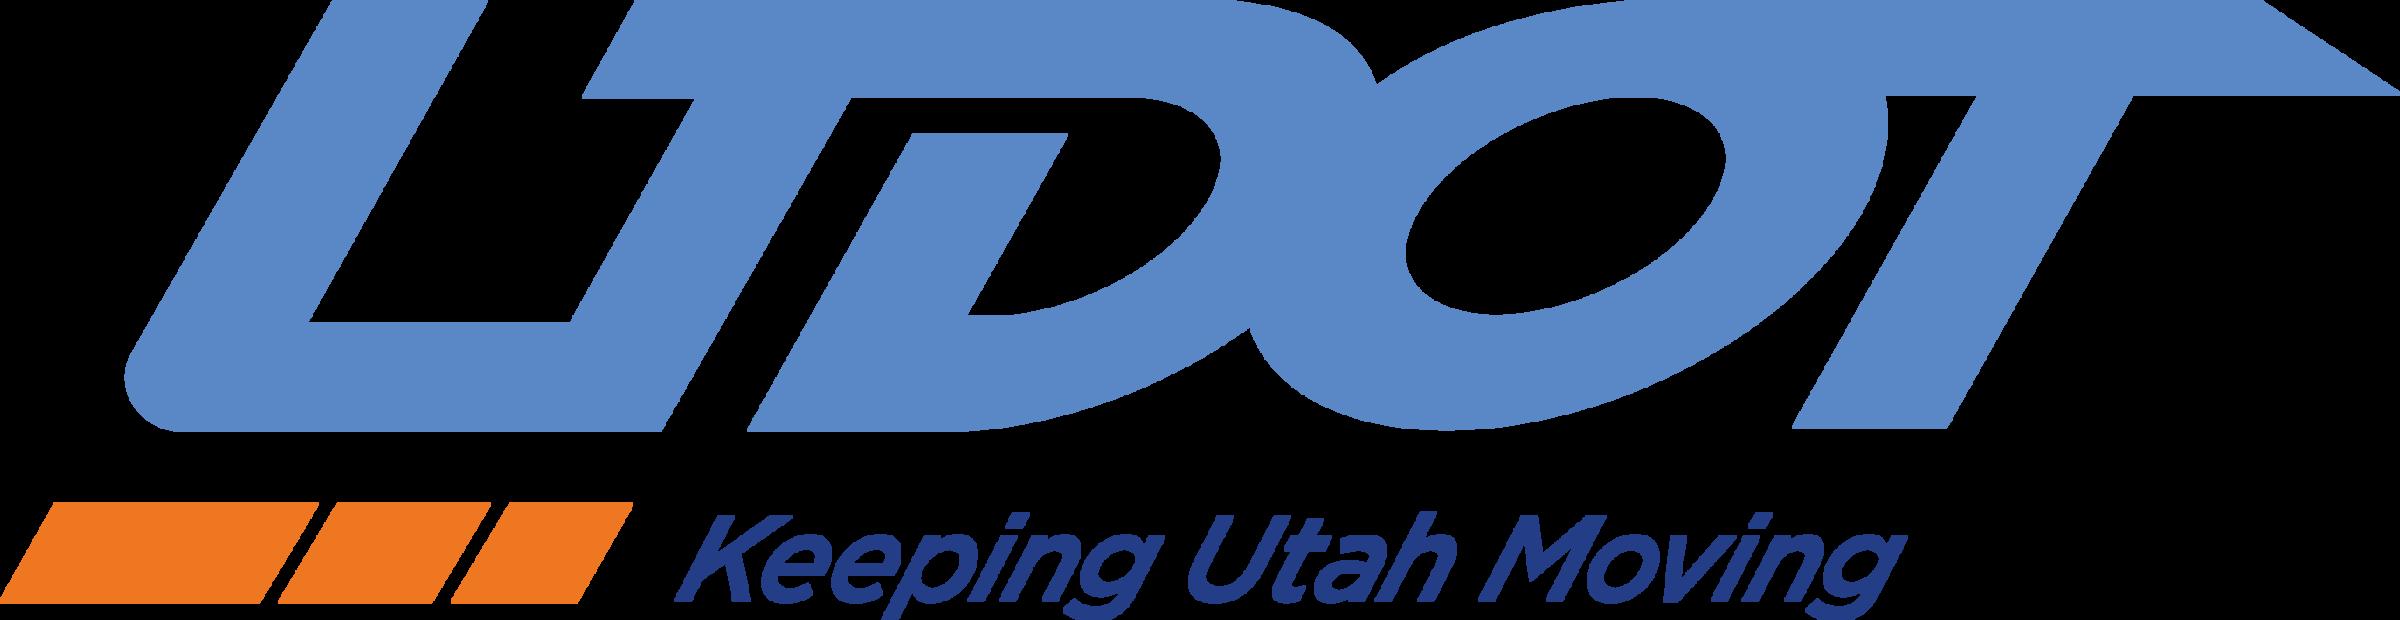 UDOT_Logo_CMYK